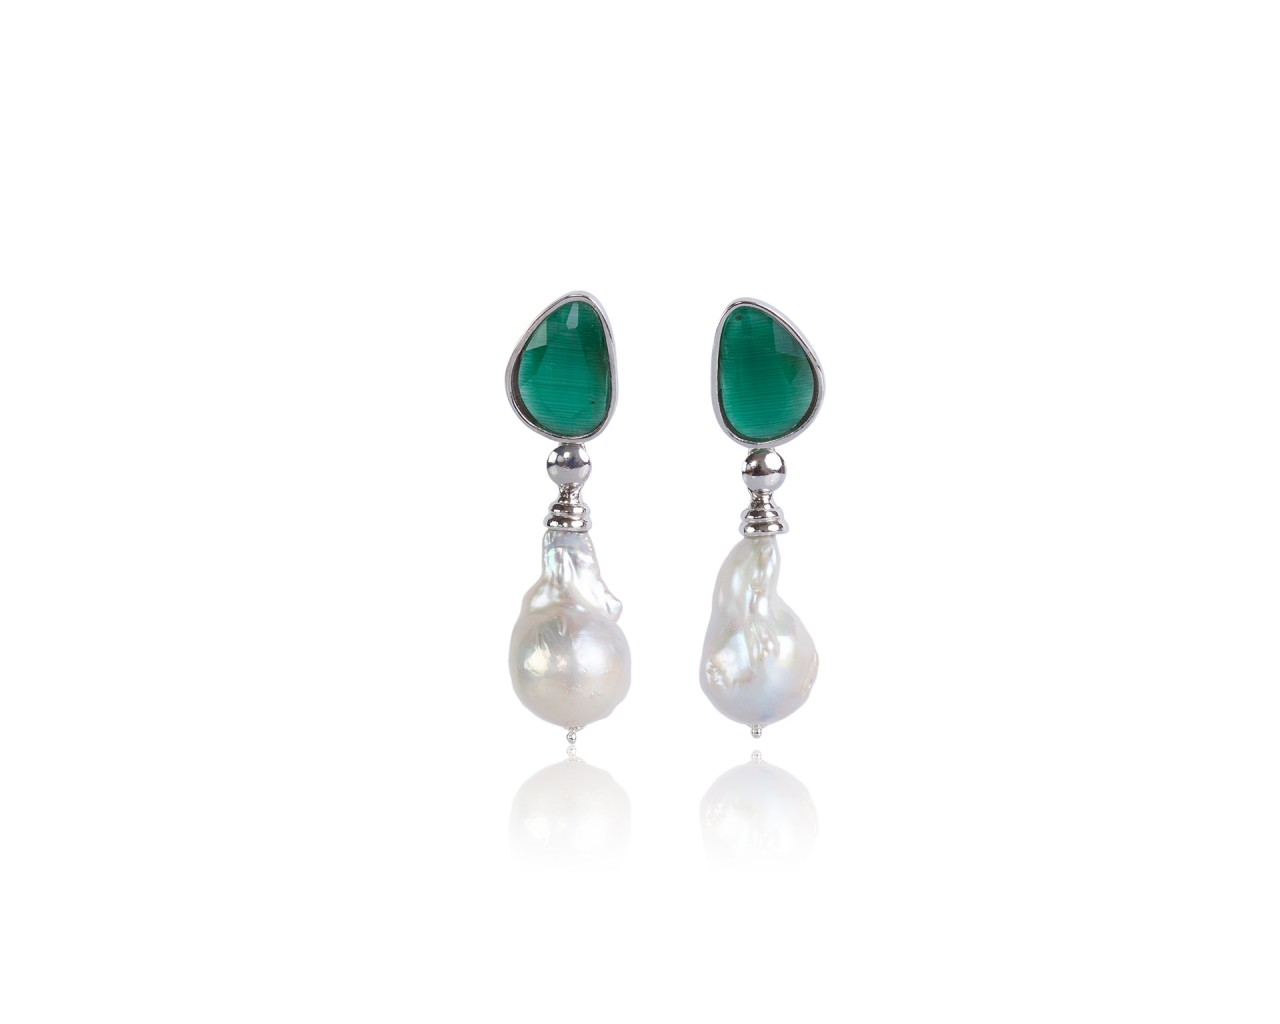 Orecchini in argento con pietre color verde e perle barocche naturali